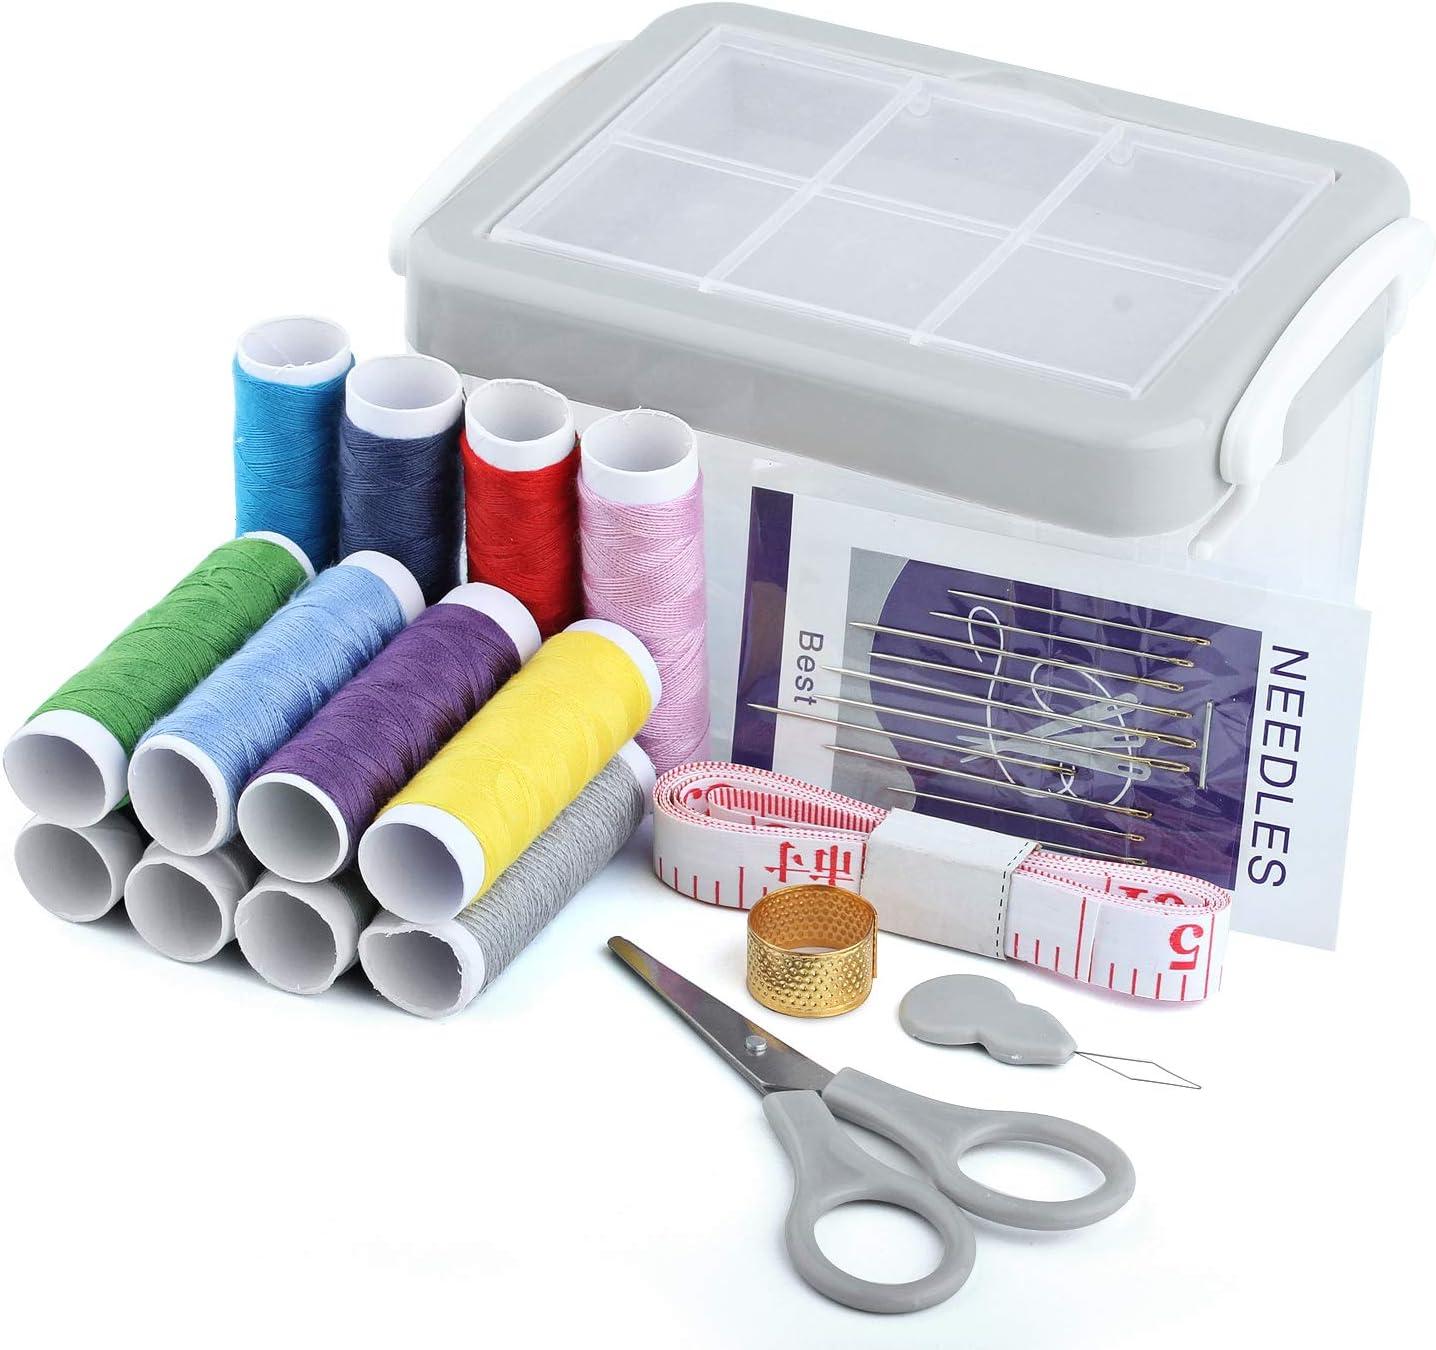 Kit de costura, caja de costura para niños, niñas, adultos, kit de costura de viaje pequeño con hilo de costura, tijeras de costura, agujas de coser a mano, dedal, cinta métrica, enhebrador